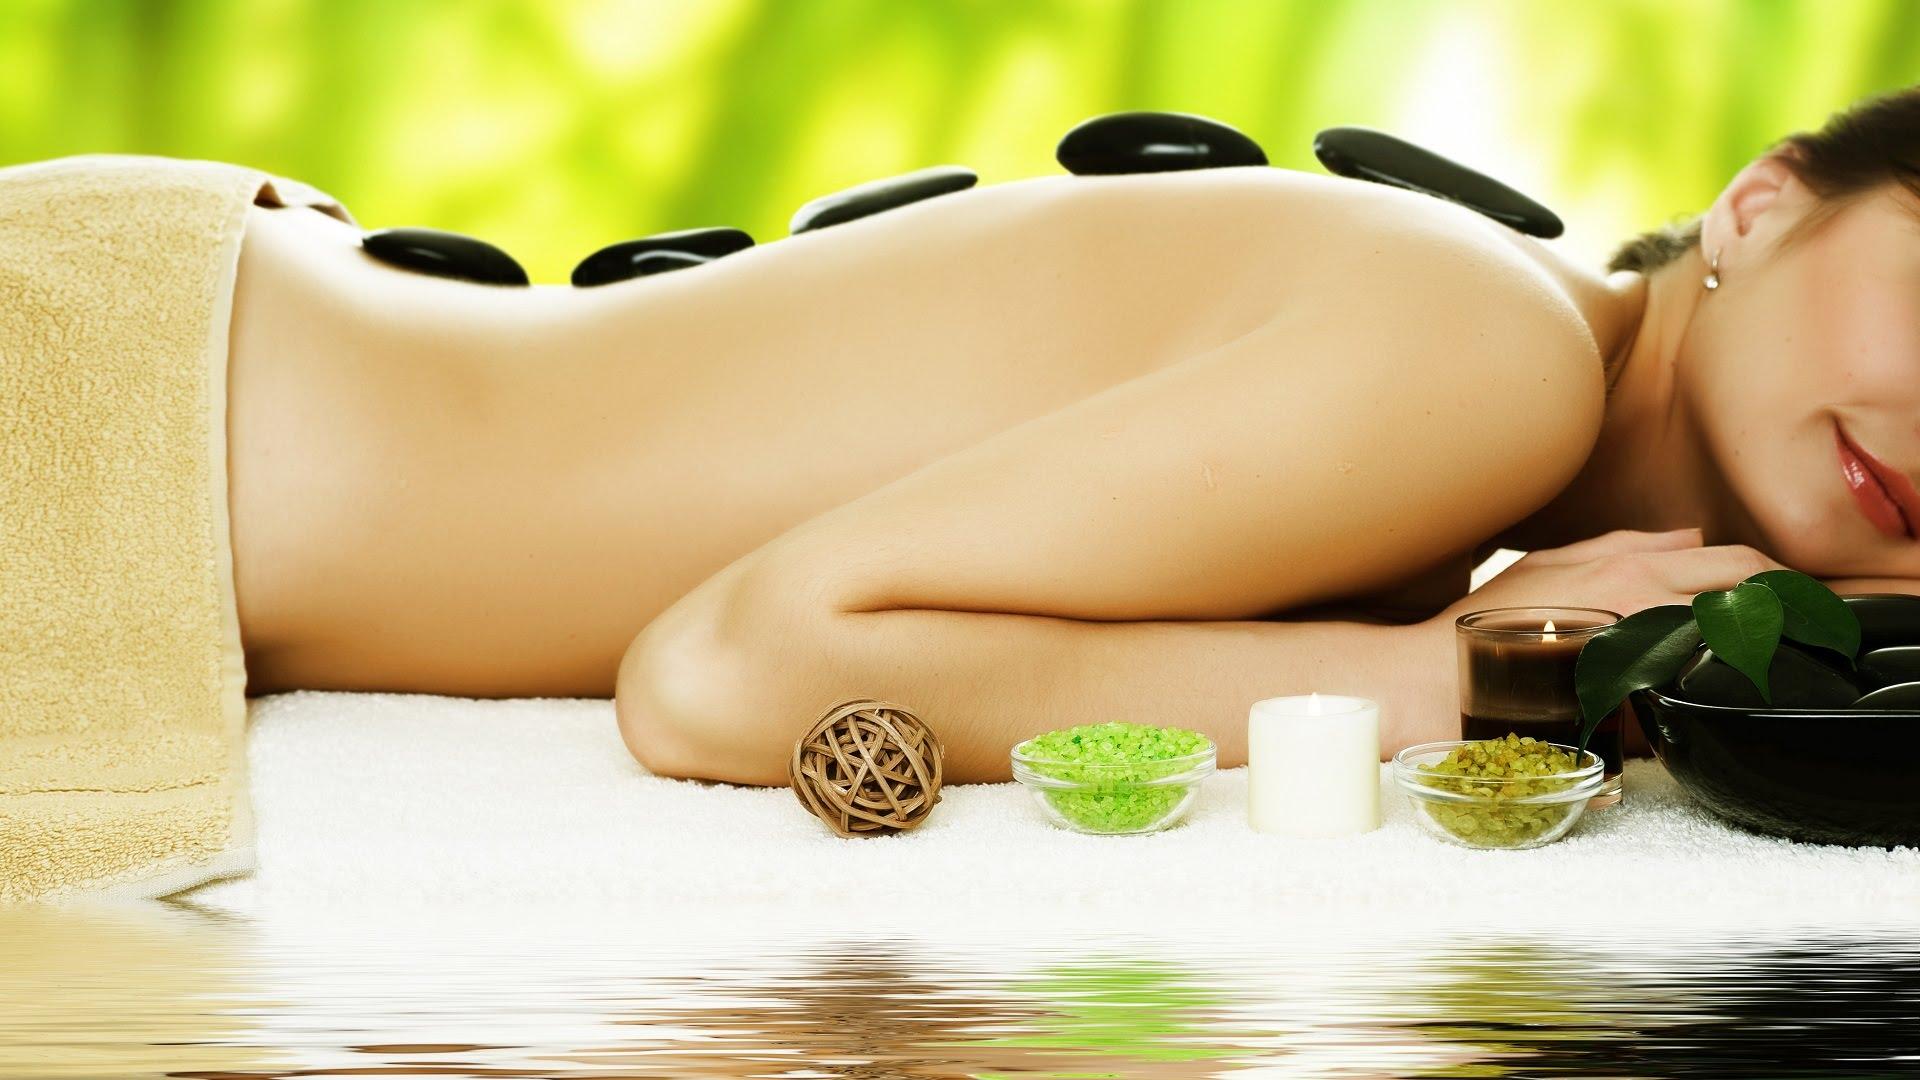 milf kontakt massage spa stockholm